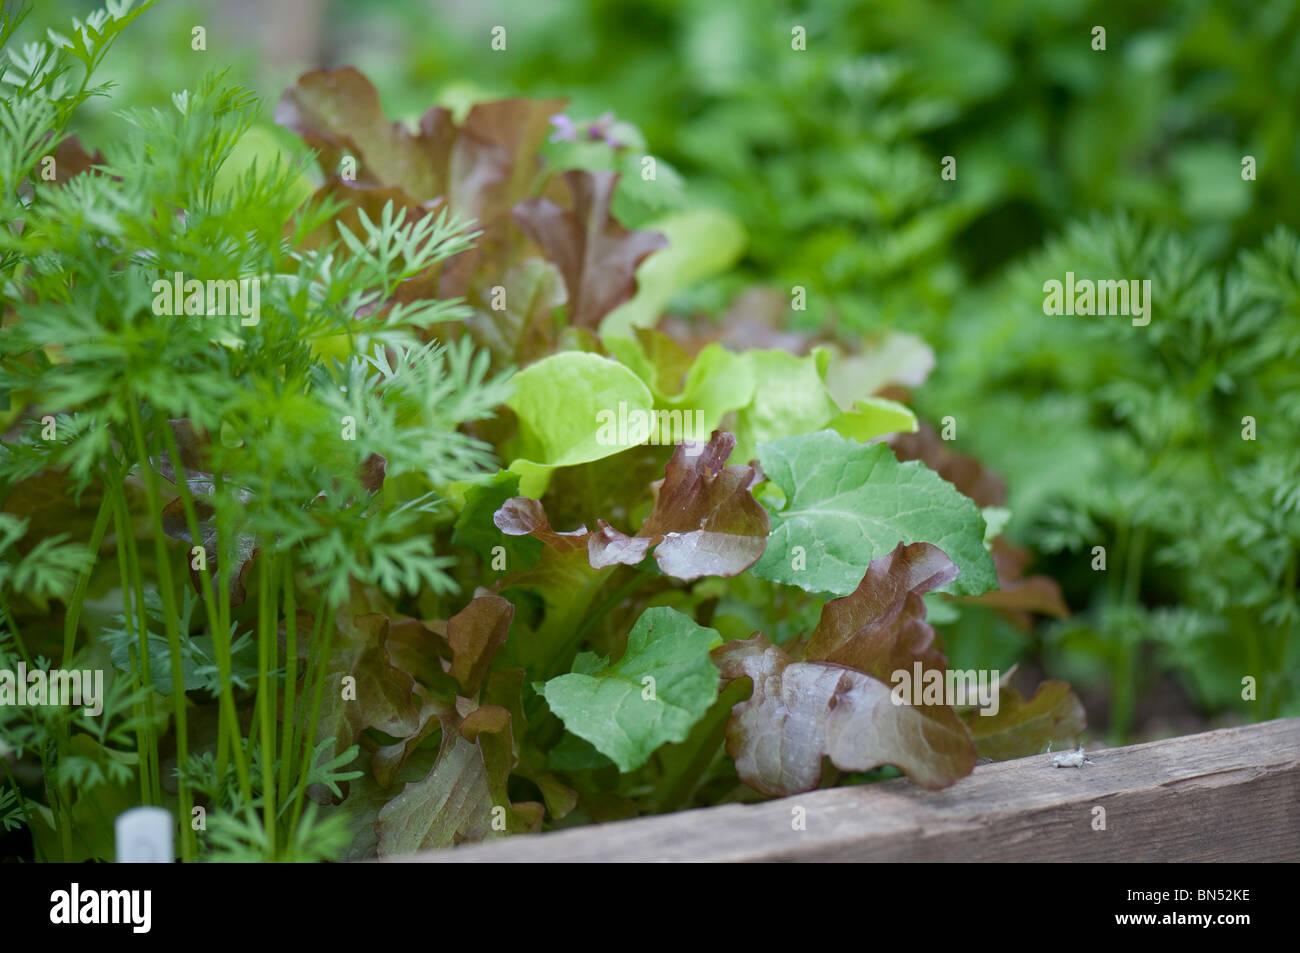 Salat Pflanzen In Einem Hochbeet Stockfoto Bild 30230018 Alamy